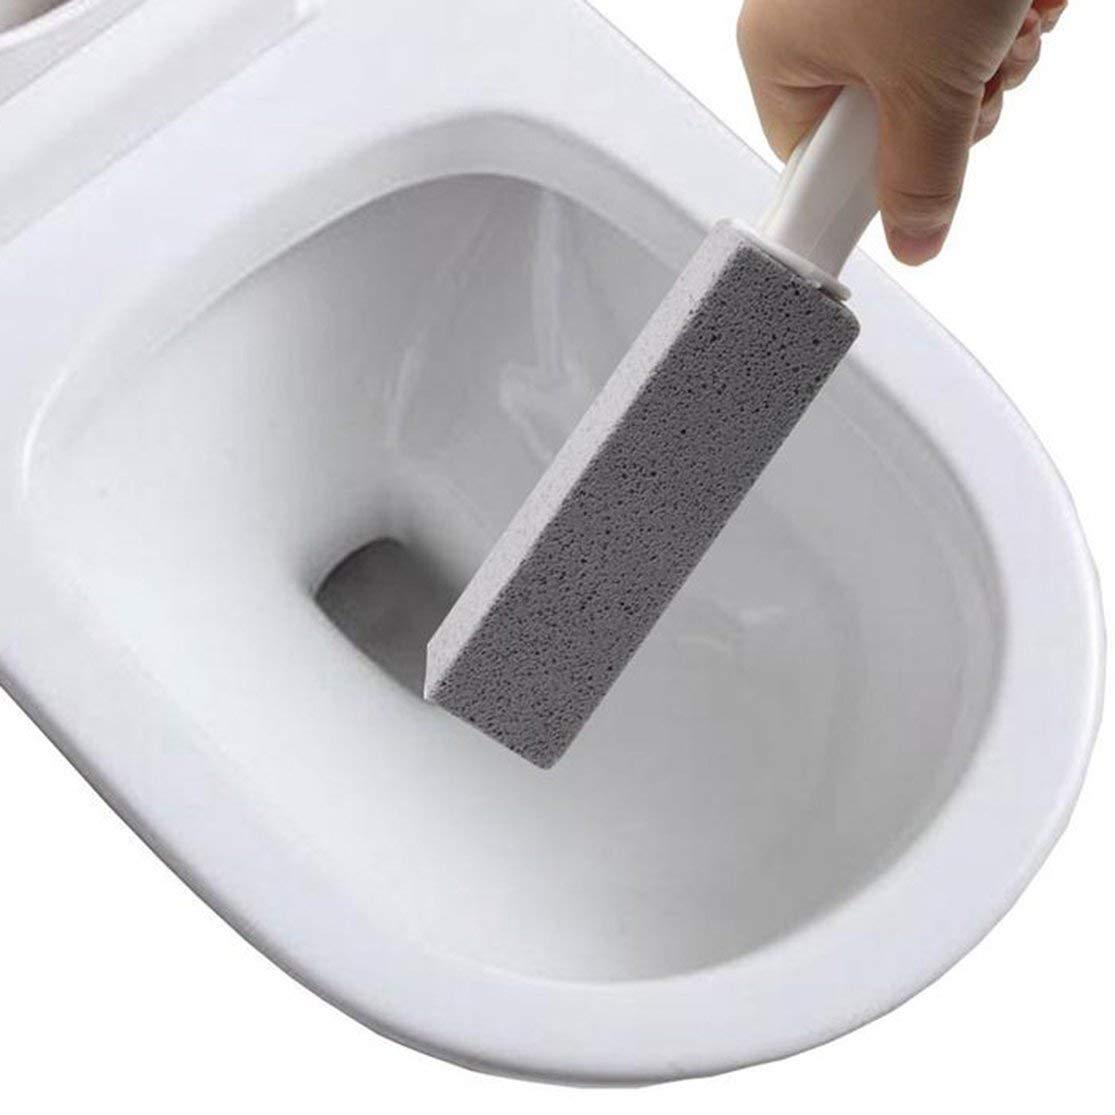 LouiseEvel215 2 St/ücke Toilettenb/ürsten Nat/ürliche Bimsstein Reinigung Steinreiniger Pinsel Mit Langen Griff f/ür Toiletten Waschbecken Badewannen